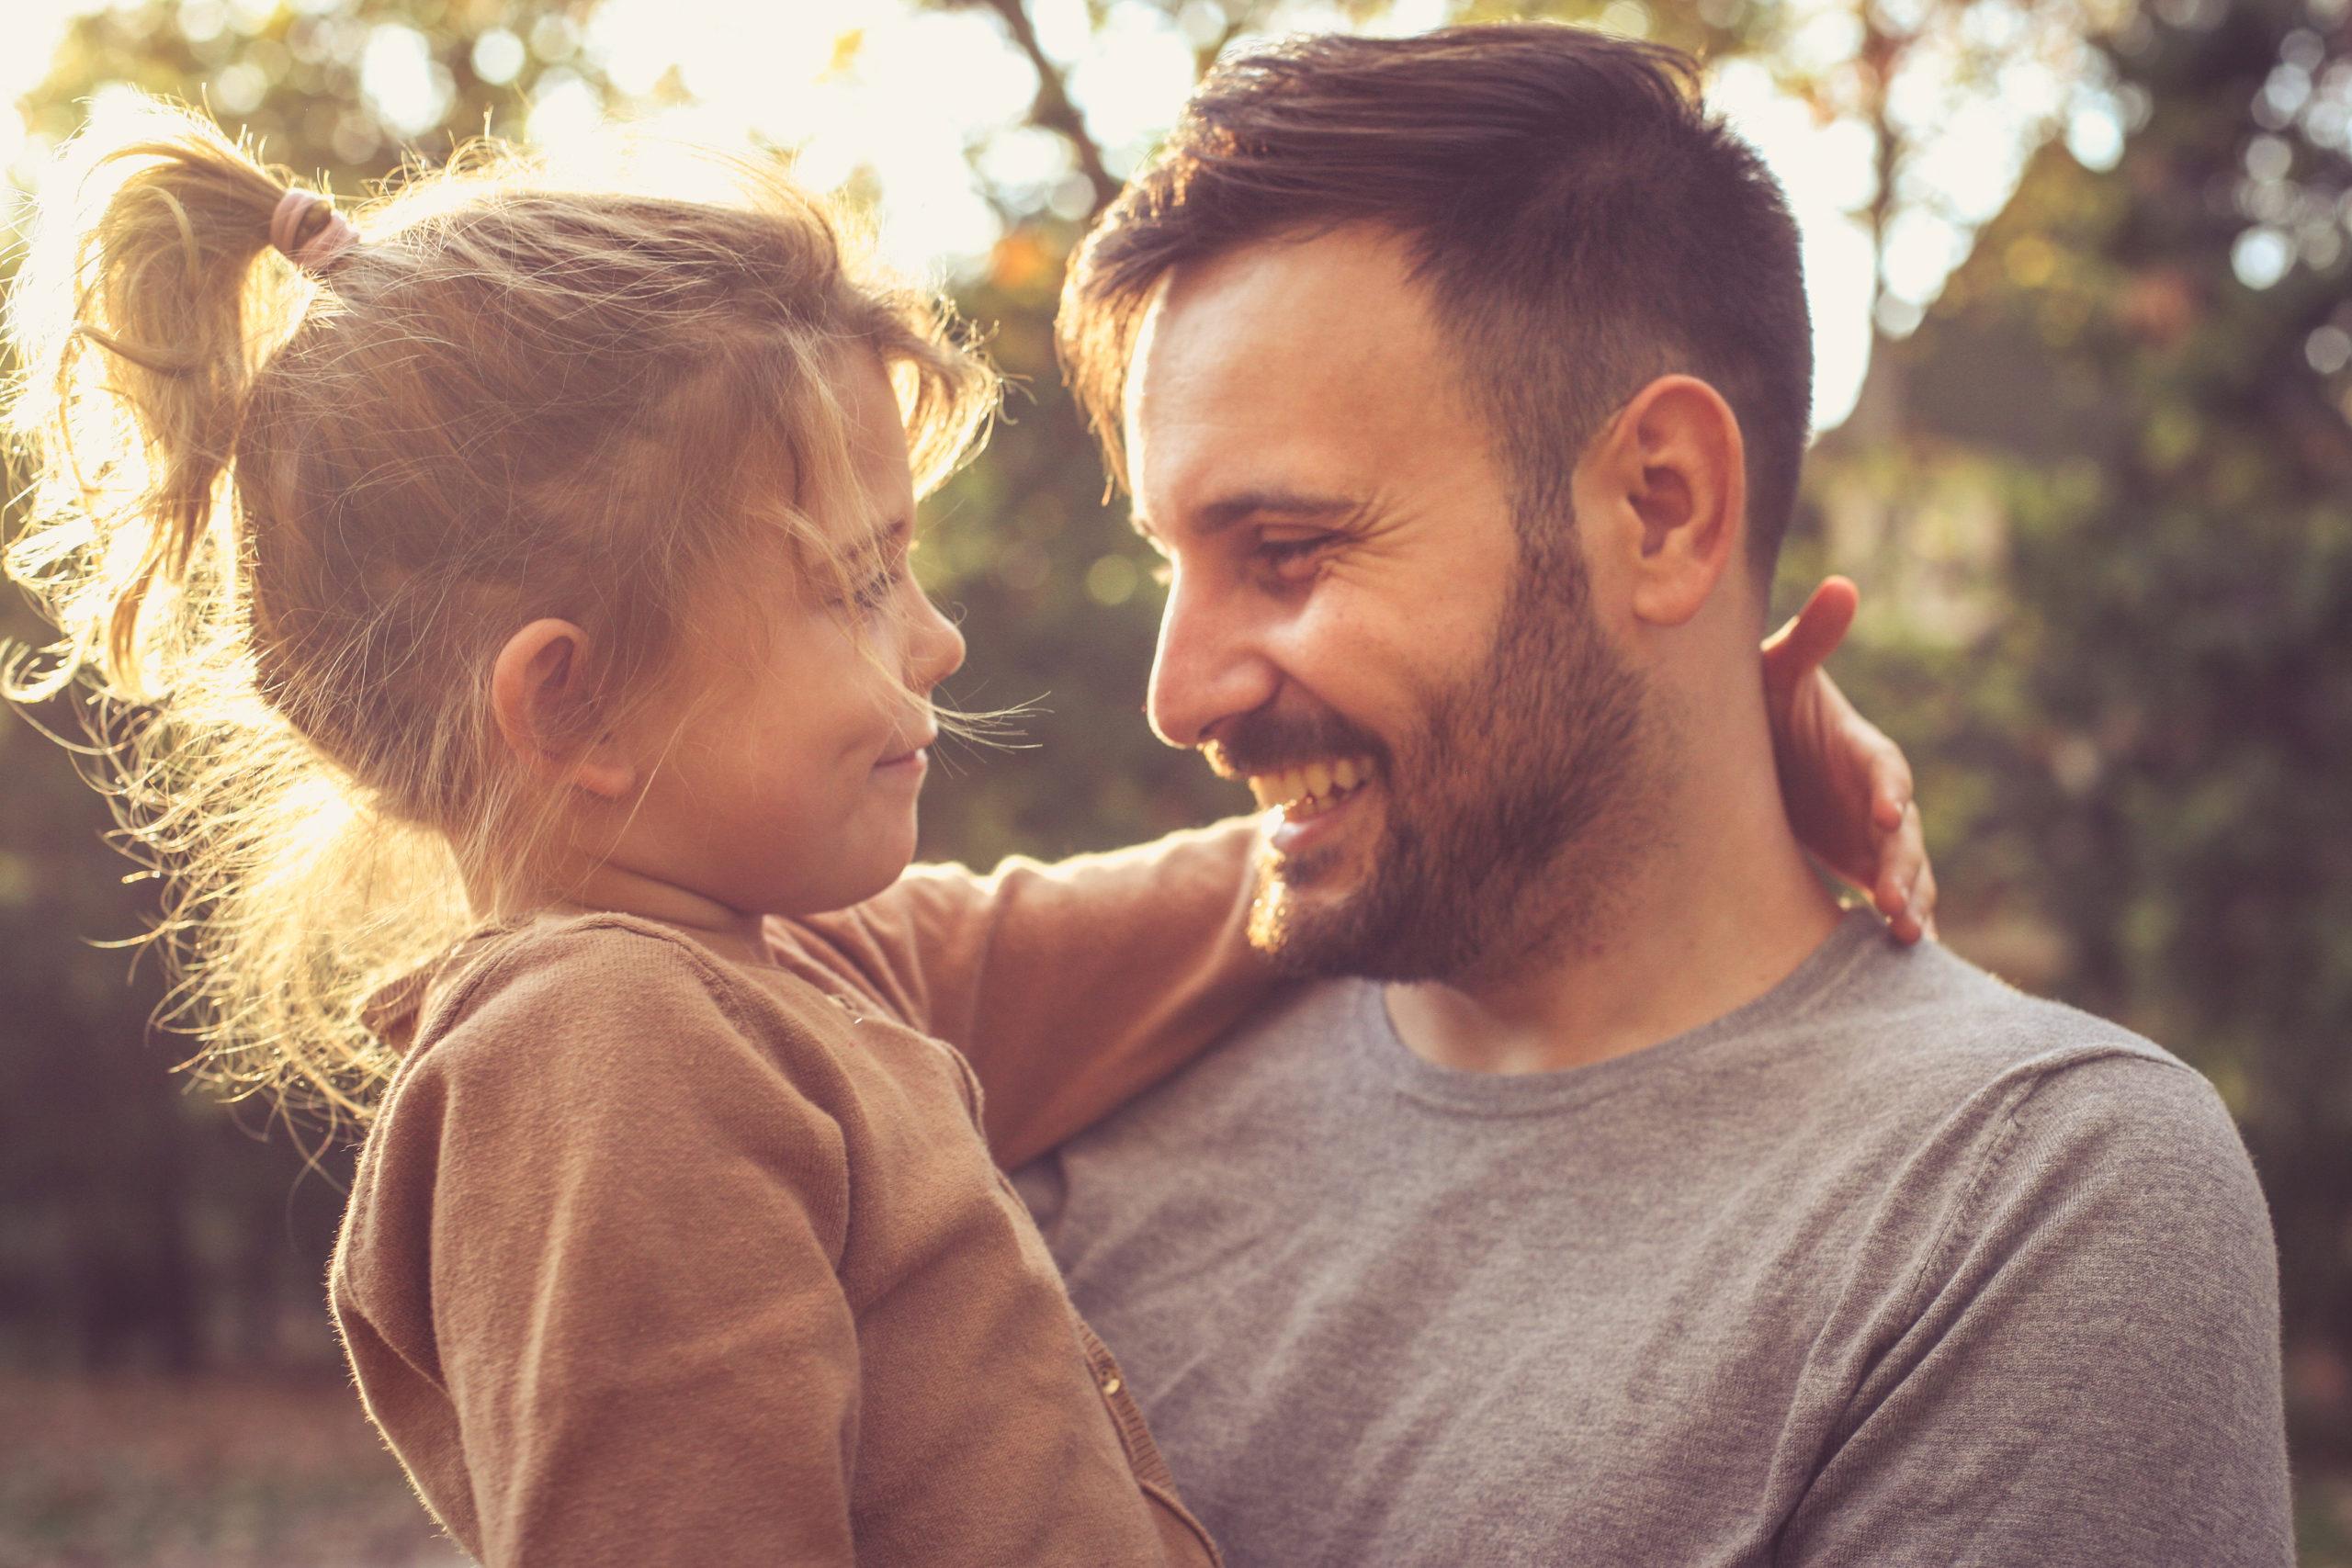 """Relacja córki z ojcem """" jak wpływa na dorosłe życie kobiety?"""